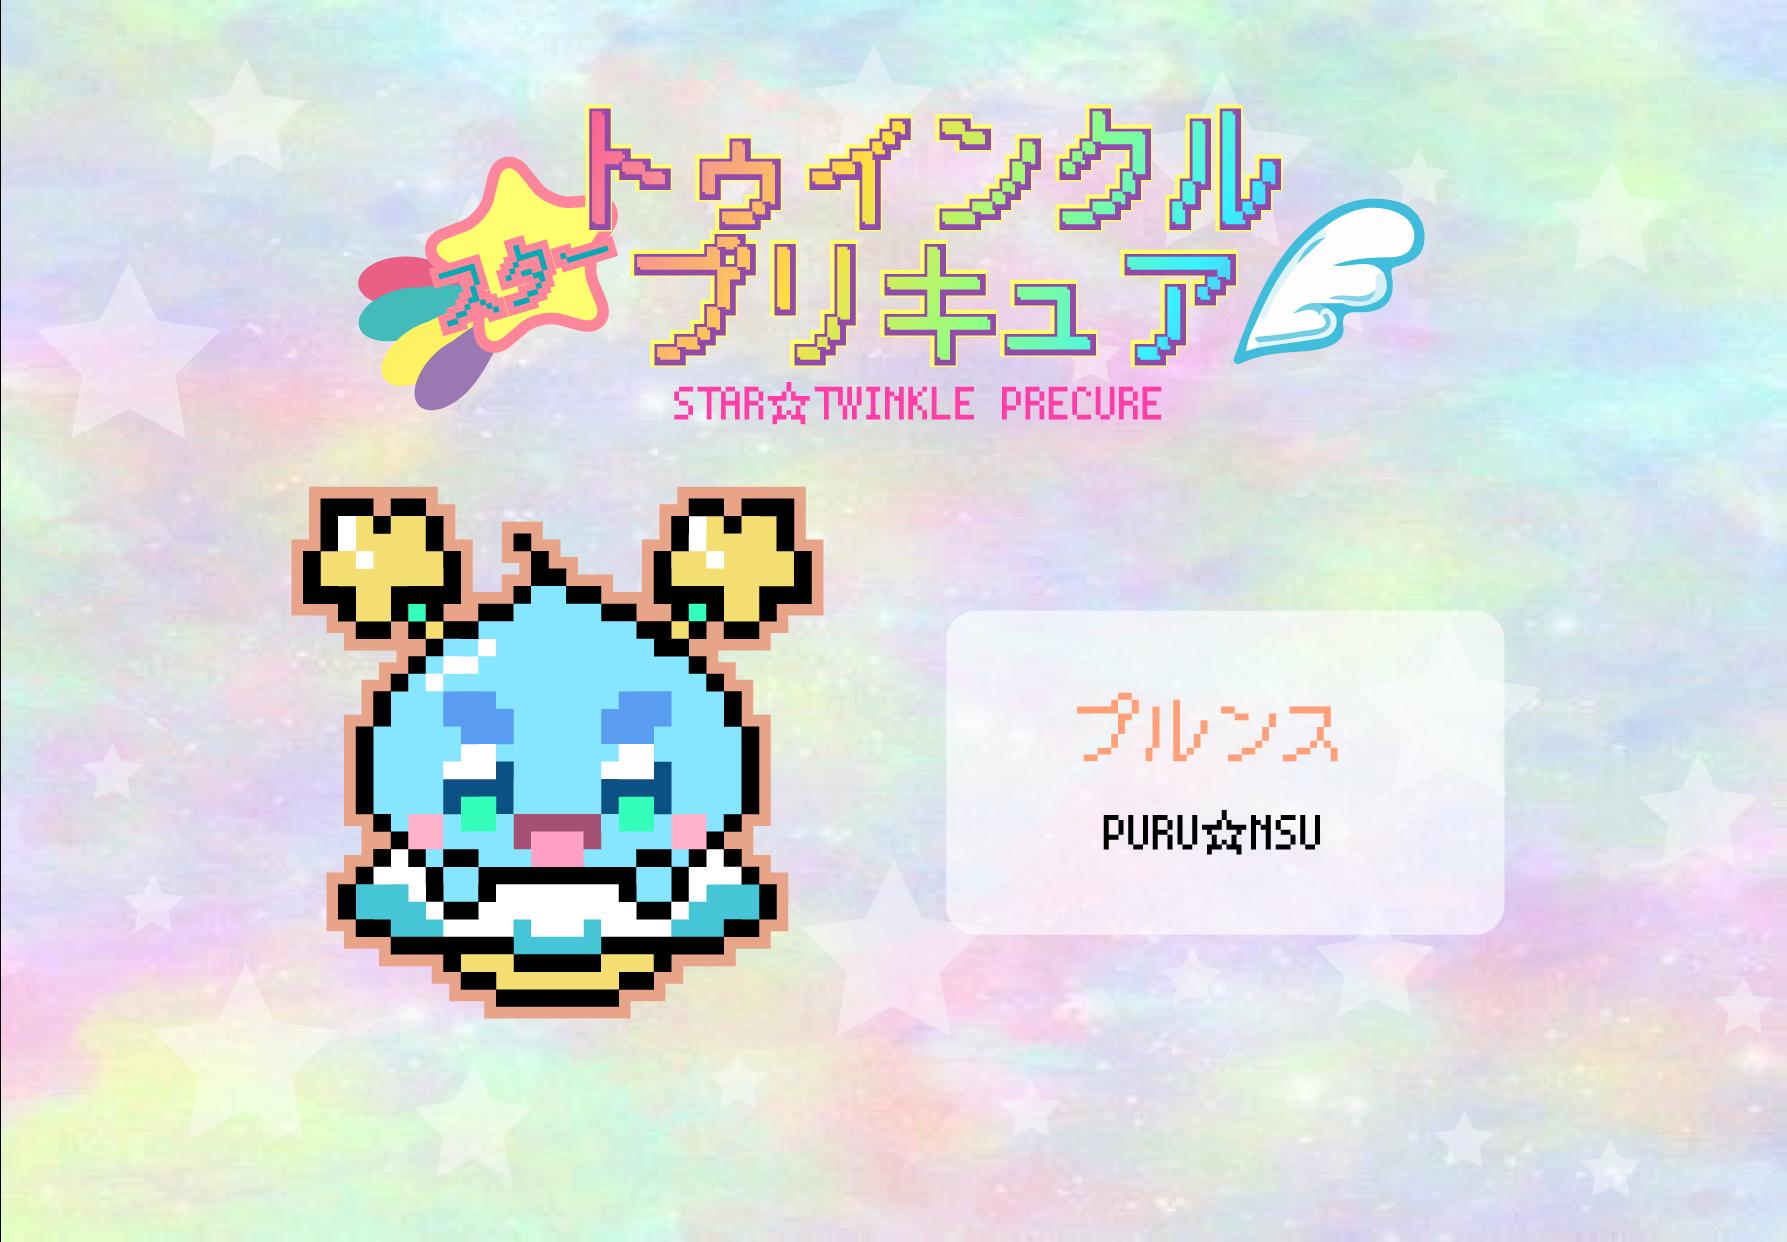 【スター☆トゥインクルプリキュア】宇宙妖精プルンスのアイロンビーズ図案